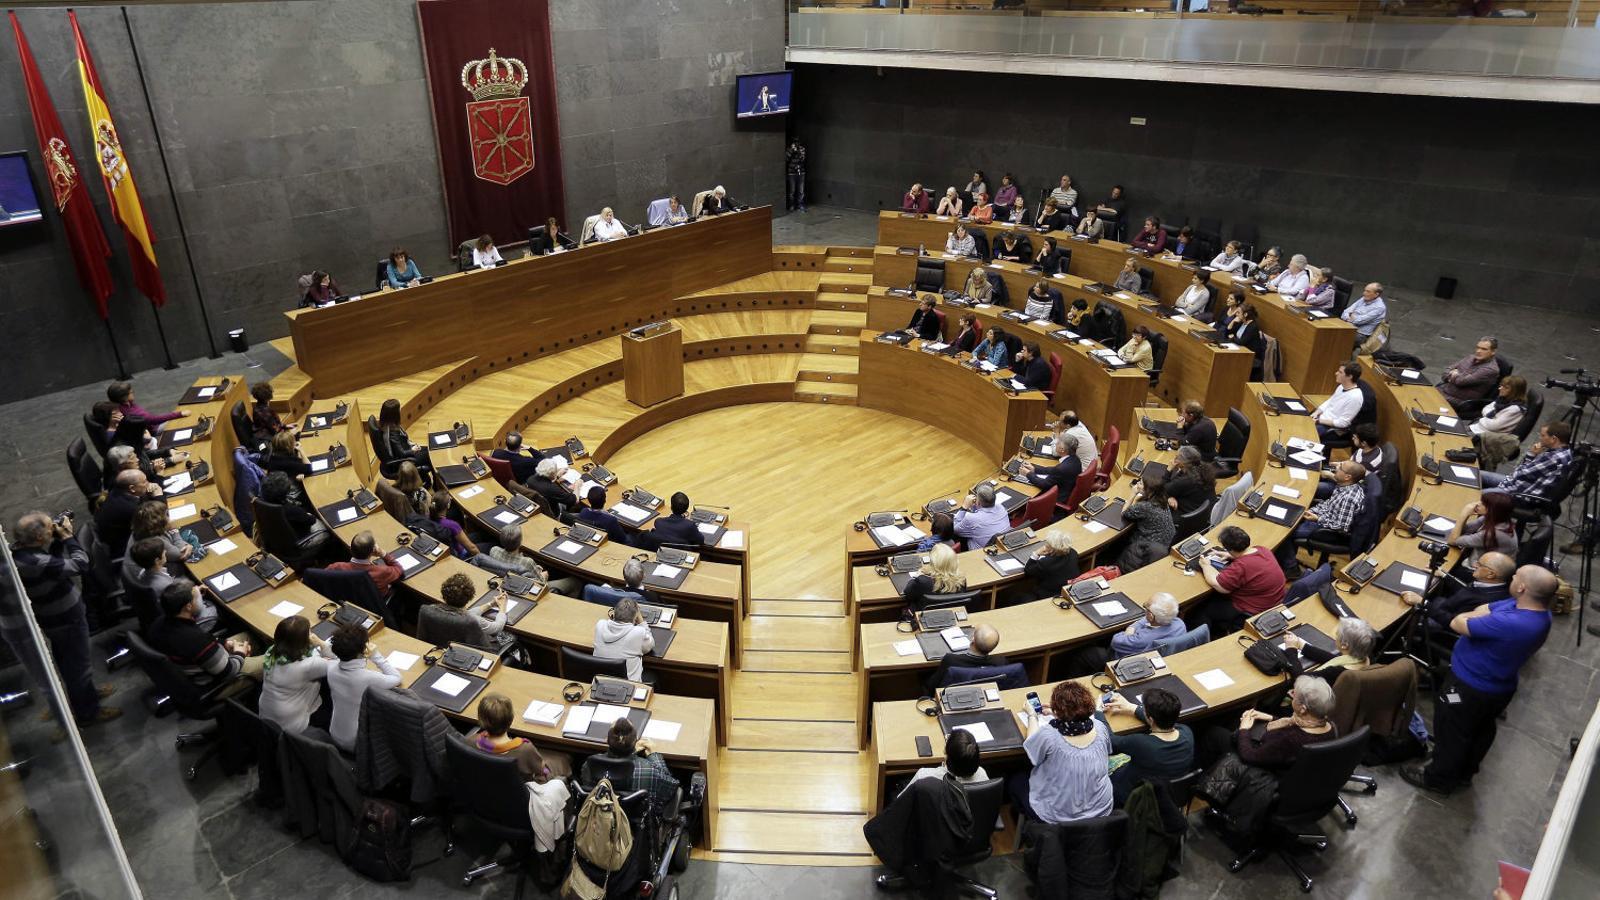 Imatge d'arxiu del Parlament de Navarra, que ahir va votar en contra de l'aplicació de l'article 155 de la Constitució per intervenir la Generalitat de Catalunya.